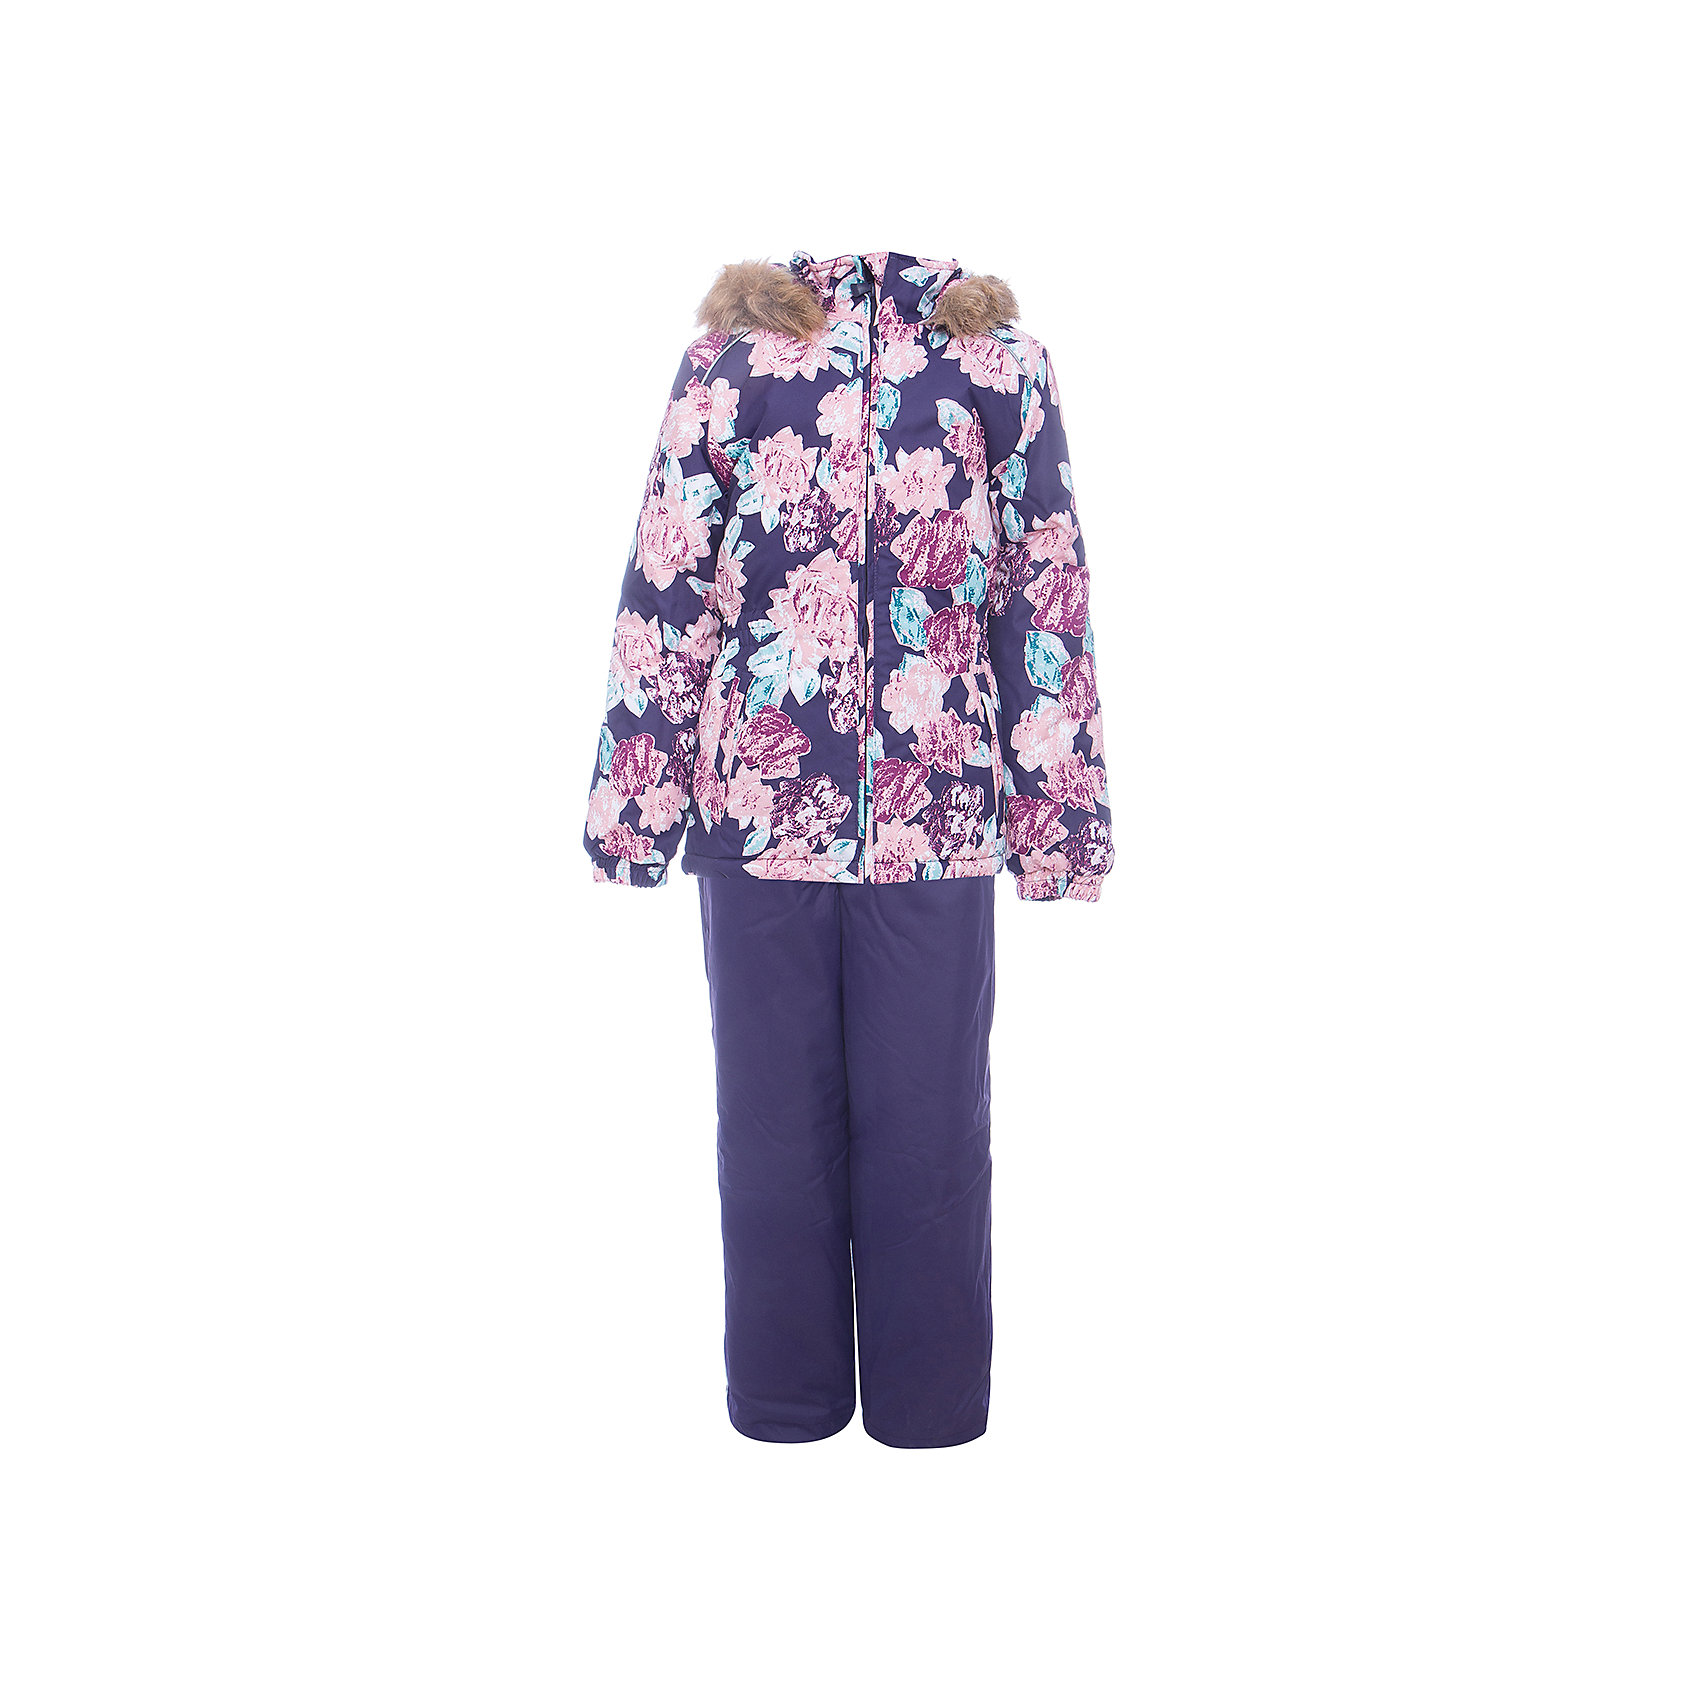 Комплект: куртка и брюки WONDER Huppa для девочкиВерхняя одежда<br>Характеристики товара:<br><br>• цвет: фиолетовый;<br>• пол: девочка;<br>• состав: 100% полиэстер;<br>• утеплитель: 300 гр куртка / 160гр полукомбинезон;<br>• подкладка: тафта, флис;<br>• сезон: зима;<br>• температурный режим: от -5 до - 30С;<br>• водонепроницаемость: 10000 мм ;<br>• воздухопроницаемость: 10000 г/м2/24ч;<br>• особенности модели: c рисунком; с мехом на капюшоне;<br>• сидельный шов проклеен и не пропускает влагу;<br>• манжеты рукавов эластичные, на резинках;<br>• низ брюк затягивается на шнурок с фиксатором;<br>• внутренние снегозащитные манжеты на штанинах;<br>• полукомбинезон с высокой грудкой, внутренние швы отсутствуют;<br>• эластичные подтяжки регулируются по длине;<br>• безопасный капюшон крепится на кнопки и, при необходимости, отстегивается;<br>• мех на капюшоне не съемный;<br>• светоотражающие элементы для безопасности ребенка;<br>• страна бренда: Финляндия;<br>• страна изготовитель: Эстония.<br><br>Зимний комплект Хуппа – превосходный наряд для современной девочки на осенне-зимний период. <br><br>Комплект Wonder состоит из куртки и полукомбинезона. Обе составляющие комплекта снабжены вшитыми эластичными поясками-резинками, обеспечивающими безупречную посадку одежды по фигуре. Комплект отличается повышенной комфортностью. Внутри его обрамляет мягкая тафта. Внутренняя поверхность манжет и воротника отделана флисом. Капюшон оторочен пушистым искусственным мехом. В брючинах спрятана снегозащита. У полукомбинезона отсутствуют внутренние швы. Для лучшей герметизации полукомбинезона основные швы выполнены проклеенными.<br><br>Зимний комплект Wonder для девочки фирмы HUPPA  можно купить в нашем интернет-магазине.<br><br>Ширина мм: 356<br>Глубина мм: 10<br>Высота мм: 245<br>Вес г: 519<br>Цвет: черный<br>Возраст от месяцев: 108<br>Возраст до месяцев: 120<br>Пол: Женский<br>Возраст: Детский<br>Размер: 140,92,98,104,110,116,122,128,134<br>SKU: 7027048